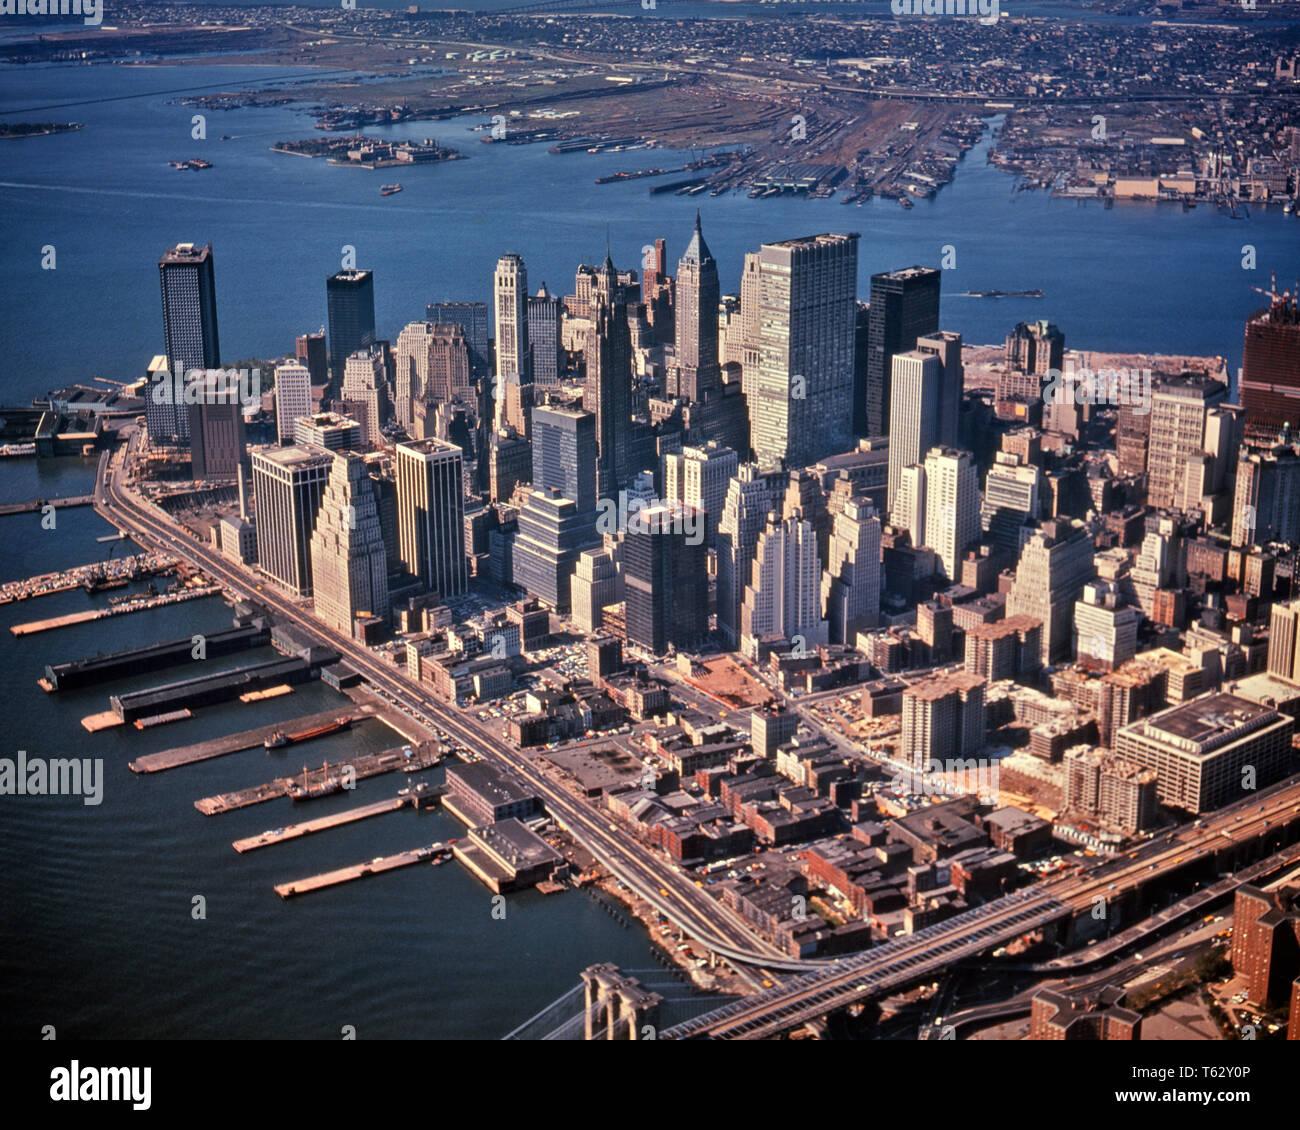 1970 VUE AÉRIENNE DU SUD-OUEST DU CENTRE-VILLE DE MANHATTAN LOOK FINANCIAL DISTRICT WORLD TRADE CENTER EN CONSTRUCTION - KR15706 KRU001 HARS VOYAGES USA NYC REAL ESTATE CÔTE EST DES STRUCTURES DE NEW YORK NEW YORK CITY AU SUD-OUEST DE L'ÉDIFICE PRÈS DU COMMERCE VUE AÉRIENNE DE LA RIVIÈRE HUDSON DISTRICT OLD FASHIONED PIERS Photo Stock